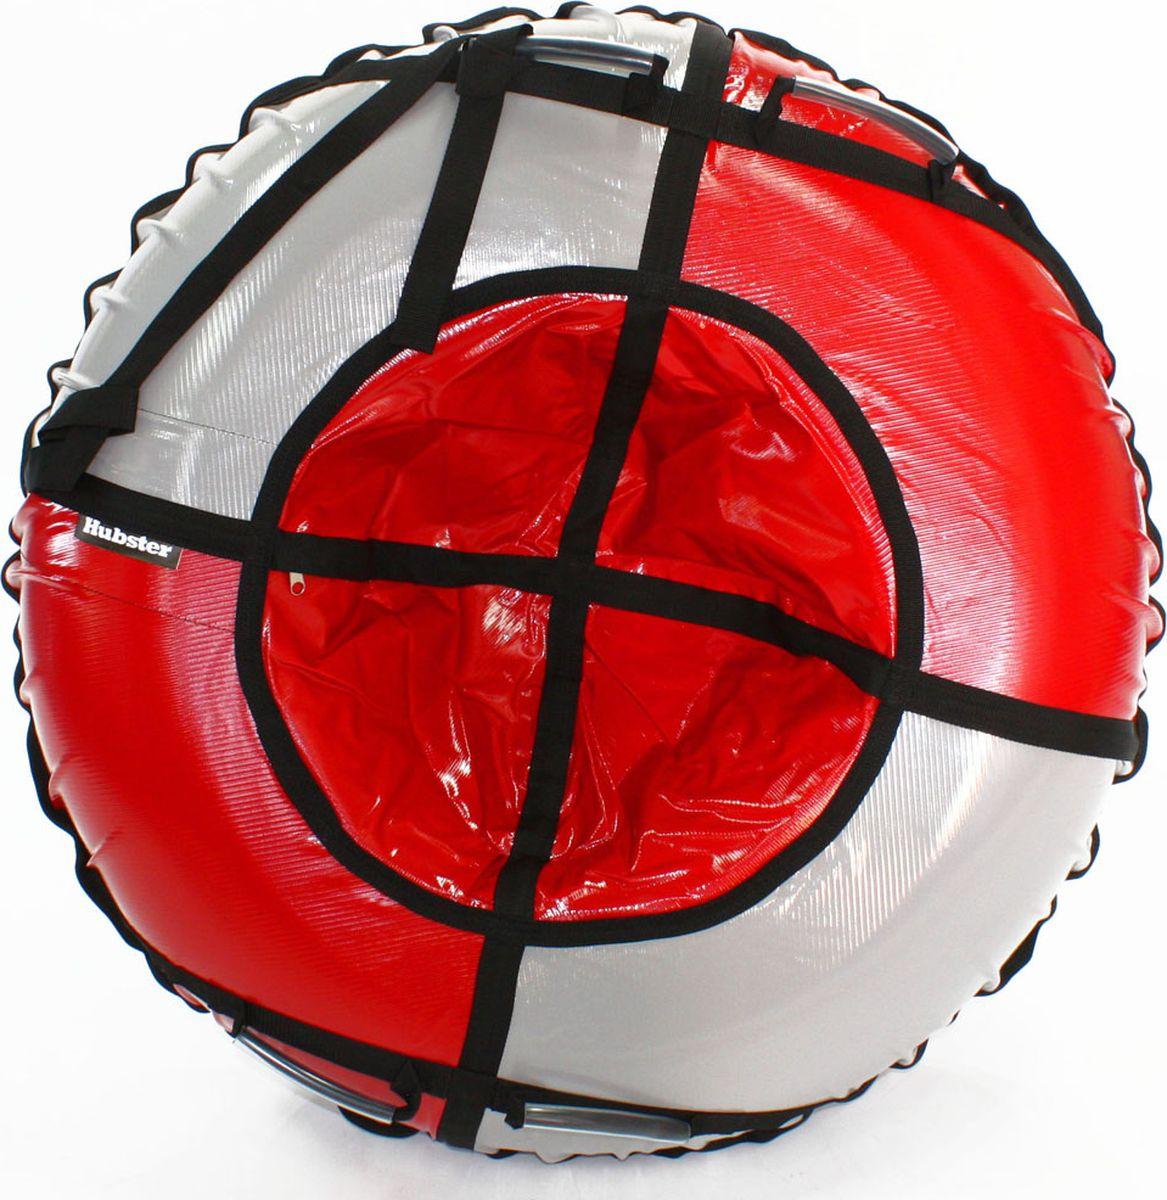 Тюбинг Hubster Sport Plus, цвет: красный, серый, диаметр 105 смво4192-1Любимая детская зимняя забава - это кататься с горки. А катание на тюбинге надолго запомнится вам и вашим близким. Свежий воздух, веселая компания, веселые развлечения - эти моменты вы будете вспоминать еще долгое время. Материал верха - ПВХ армированный, плотность 650 г/м .Материал дна - ПВХ (усиленная скользкая ткань), плотность 650 г/м.Диаметр в сдутом виде - 105 см.Диаметр в надутом виде - 94 см.Ручки усиленные (нашиты на дополнительную стропу)Кол-во ручек - 4 шт. Молния скрытая, на сиденье.Крепление троса - наружная петля.Длина троса - 1 метр.Нагрузка - до 120 кг.Комплект поставки - ватрушка, трос, камера.Тюбинг не предназначен для буксировки механическими или транспортными средствами (подъемники, канатные дороги, лебедки, автомобиль, снегоход, квадроцикл и т.д.)